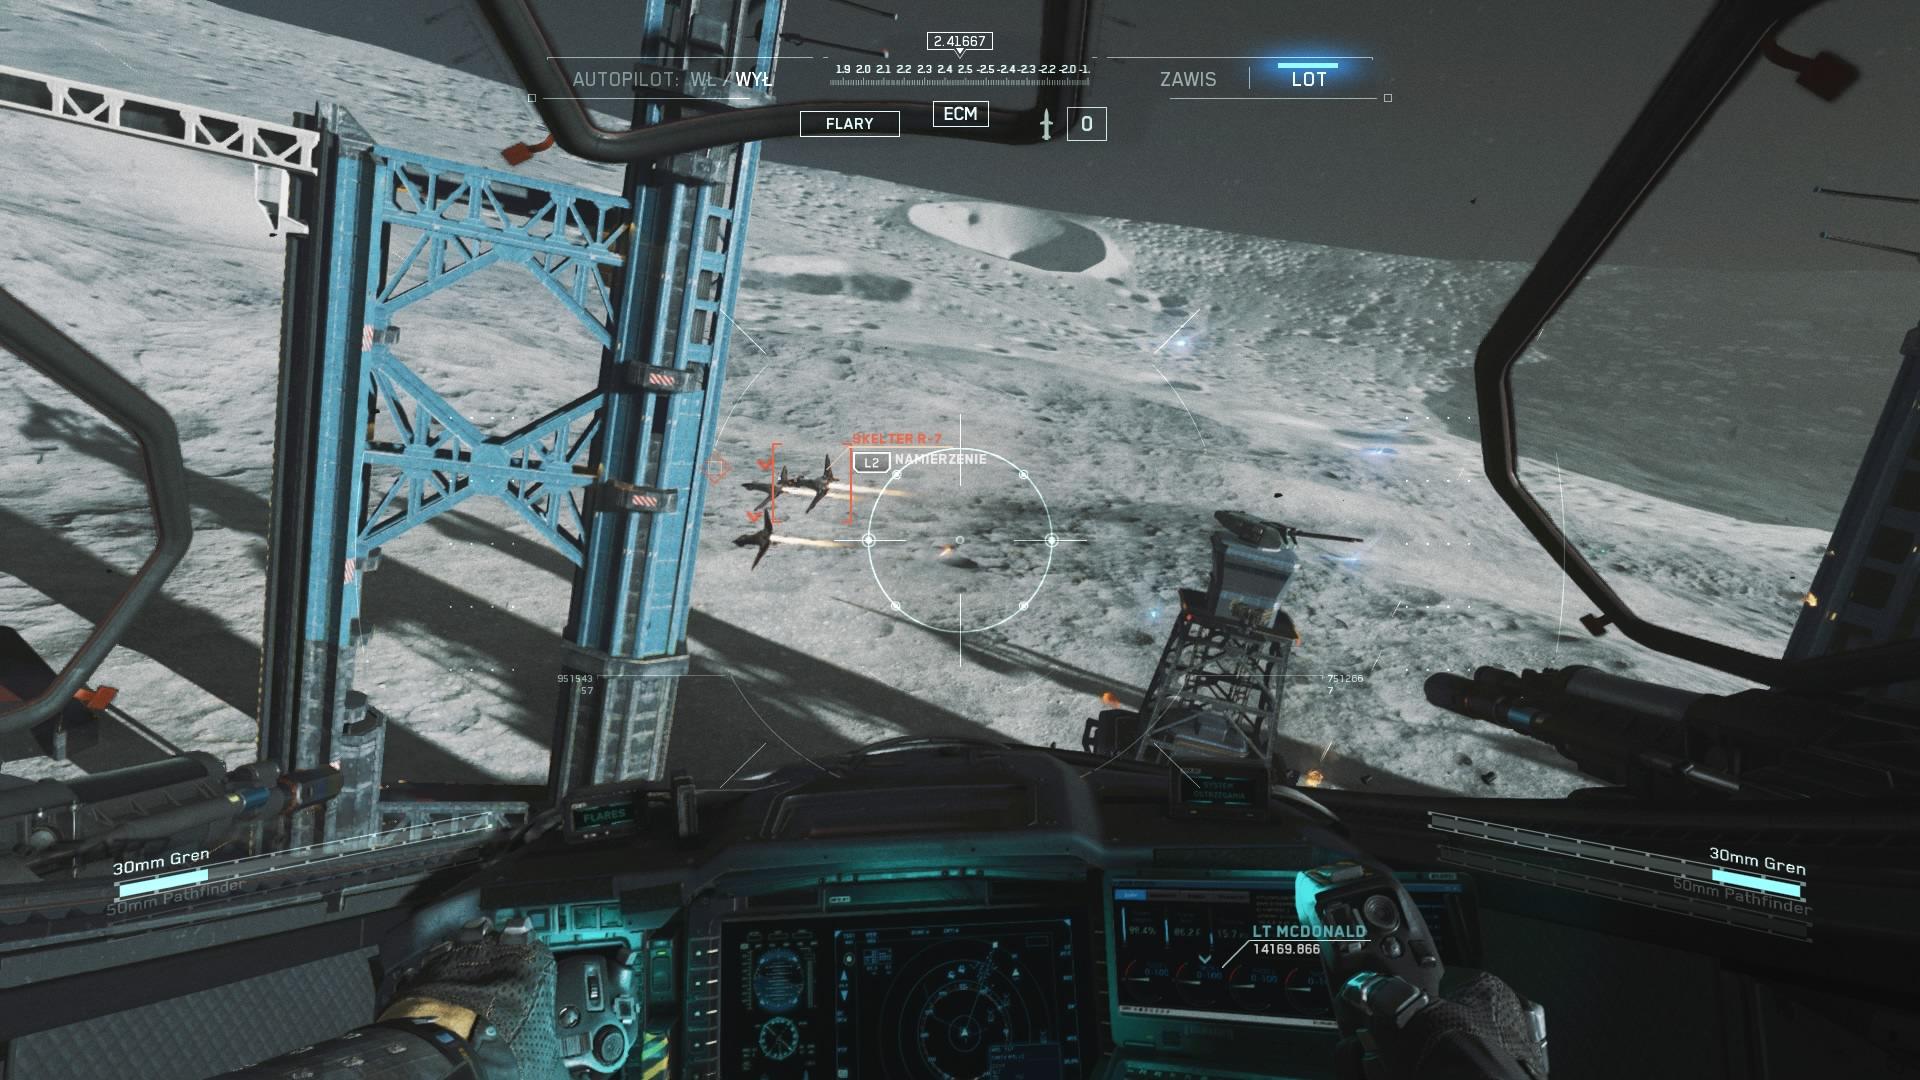 Jedna z największych nowości w grze - możliwość pokierowania statkiem kosmicznym.